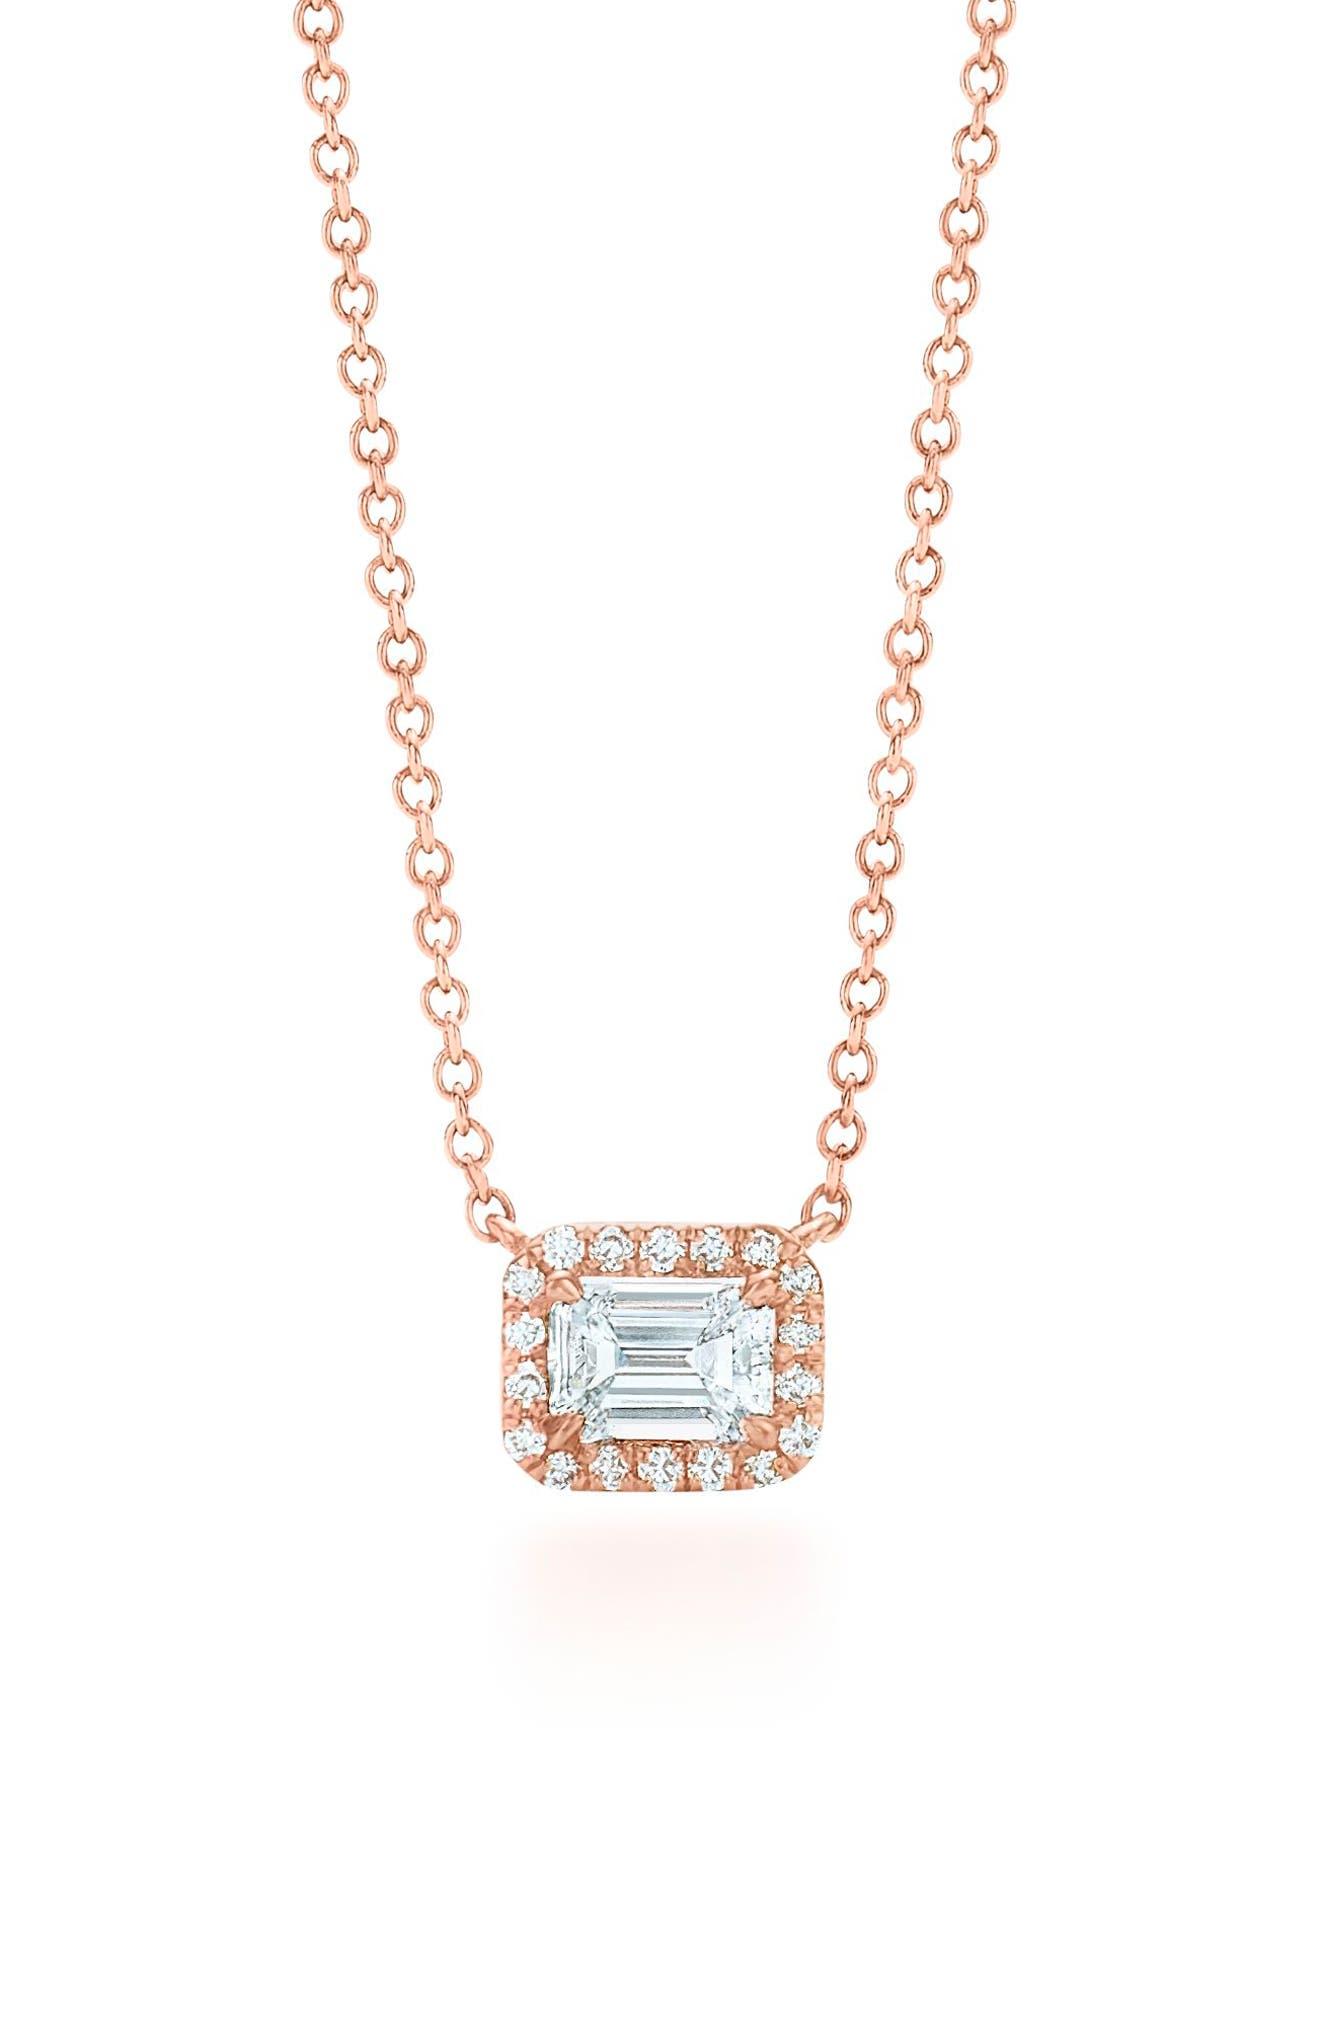 Main Image - Kwiat Emerald Cut Diamond Pendant Necklace